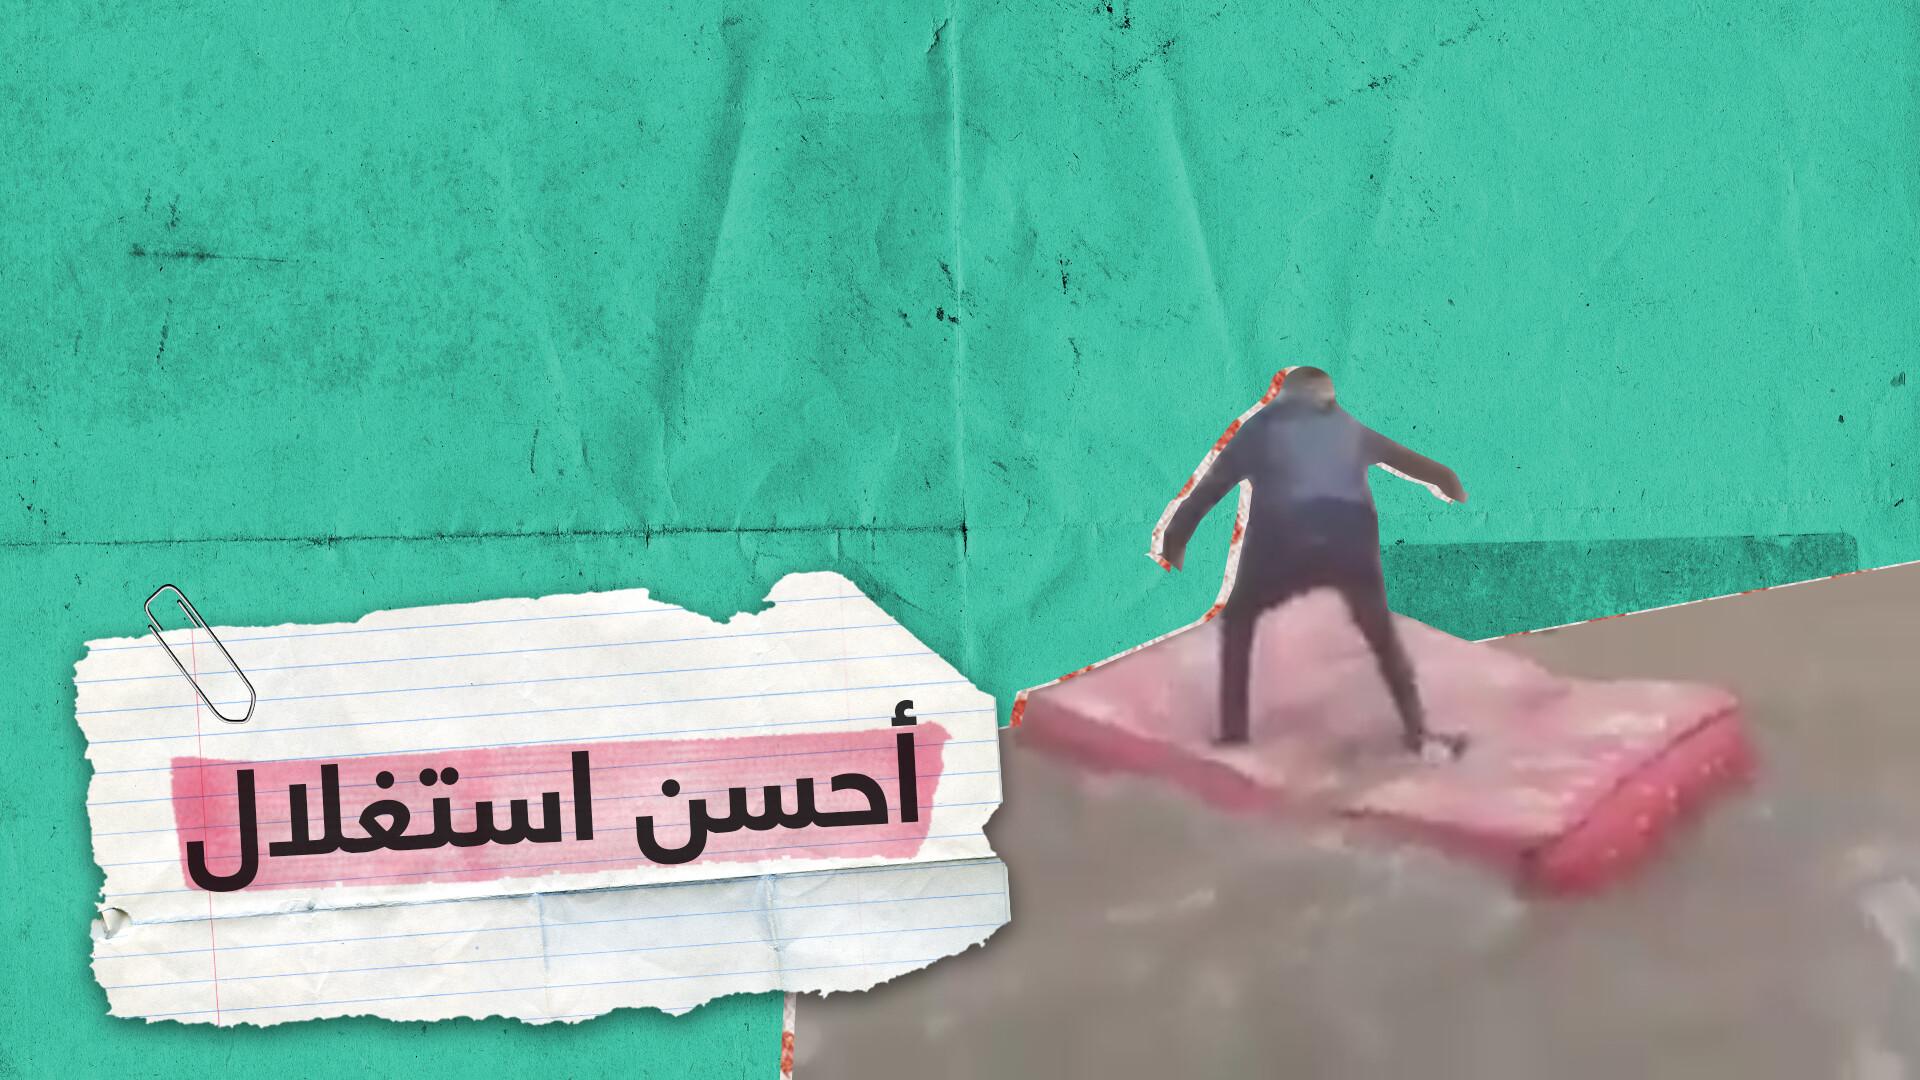 كيف استغل الجزائريون الفيضانات التي ضربت العاصمة؟